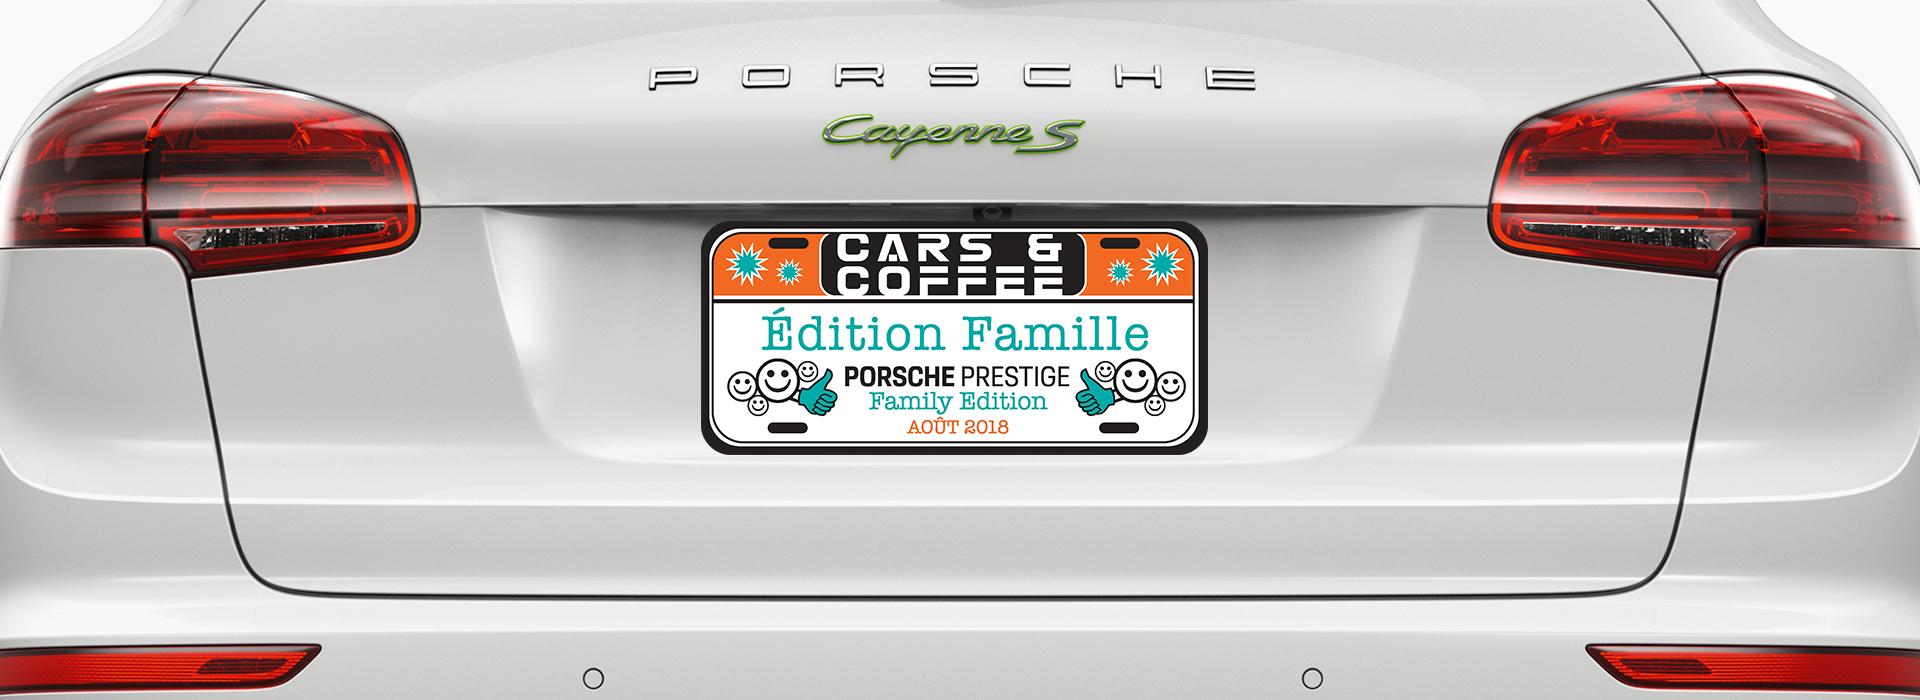 Porsche Prestige Cars and Coffee